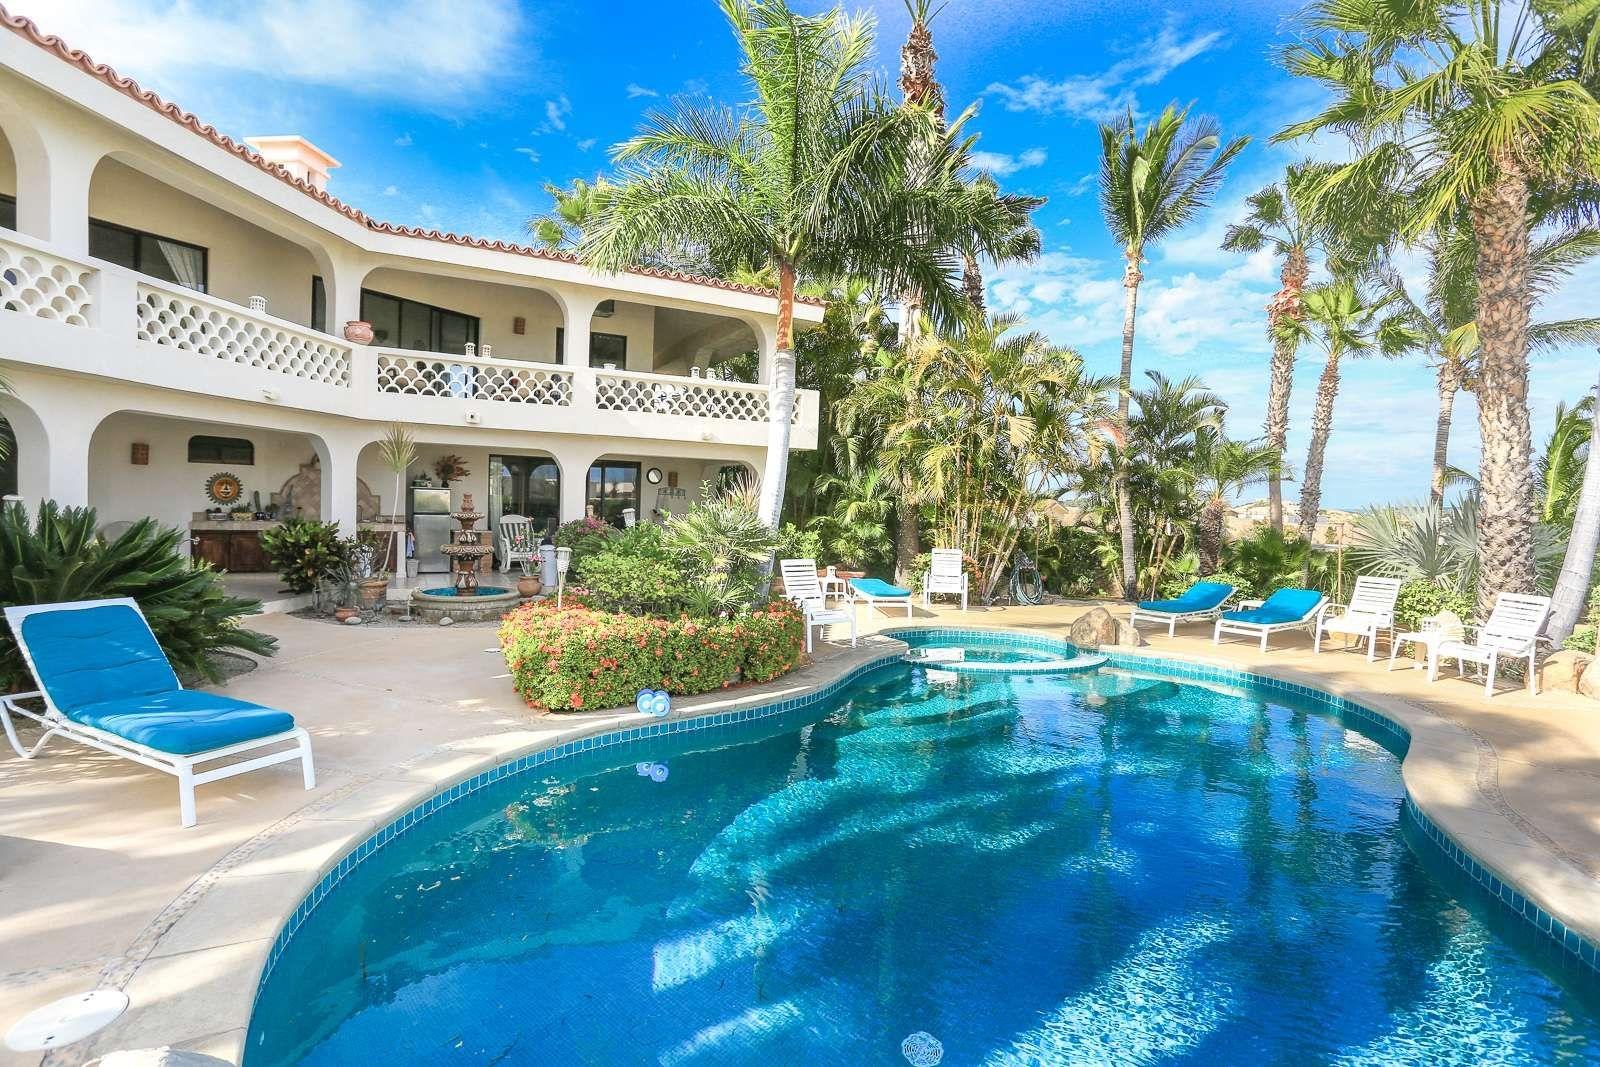 Luxury vacation rentals mexico - Los cabos - San jose del cabo - La jollade los cabos - Casa de la Flores - Image 1/12